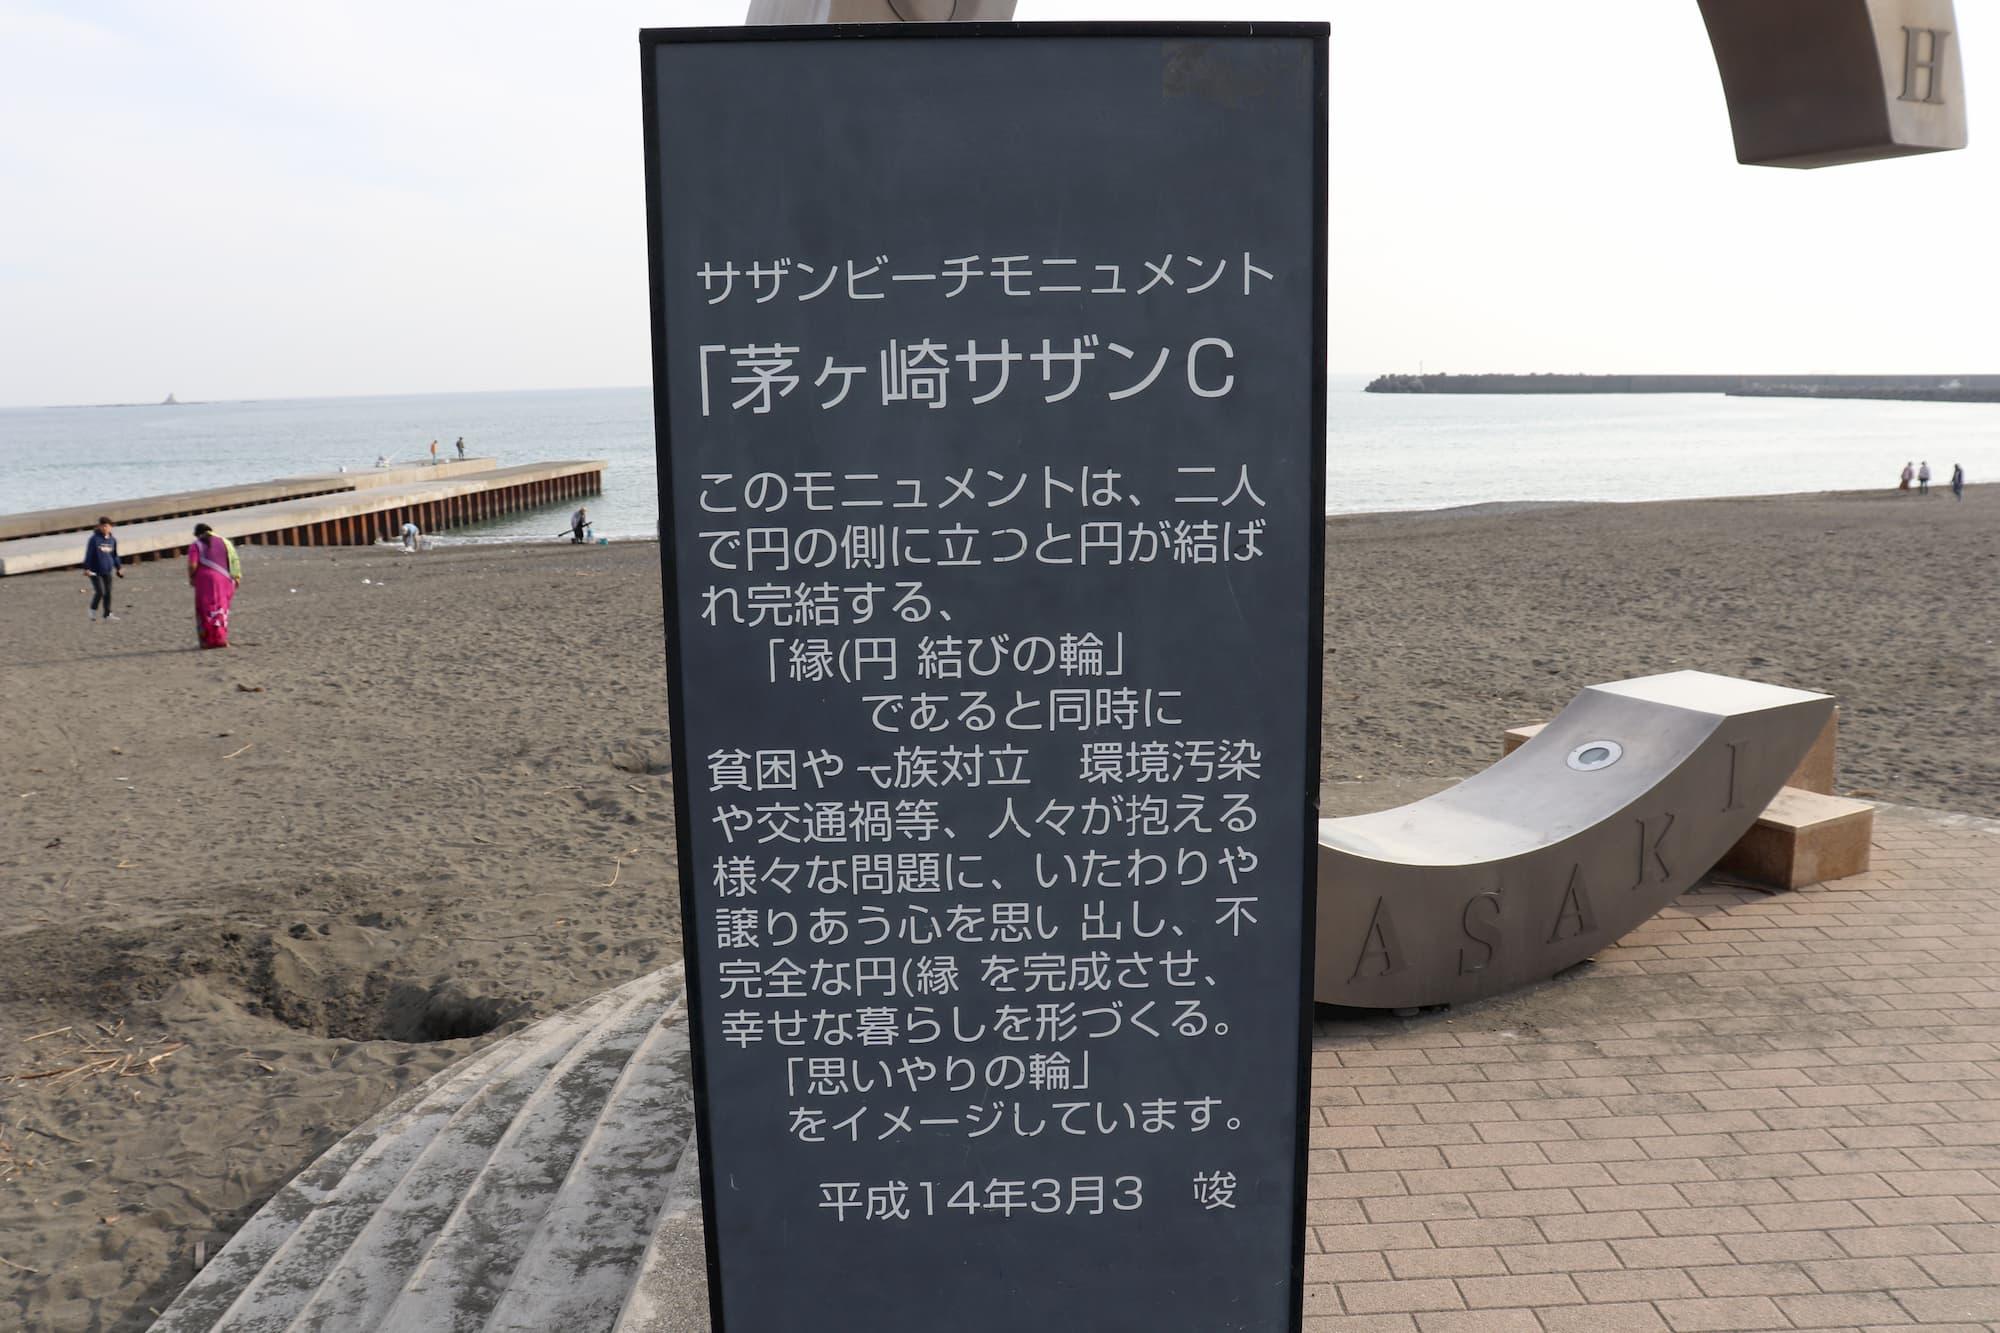 サザンビーチ茅ヶ崎の解説